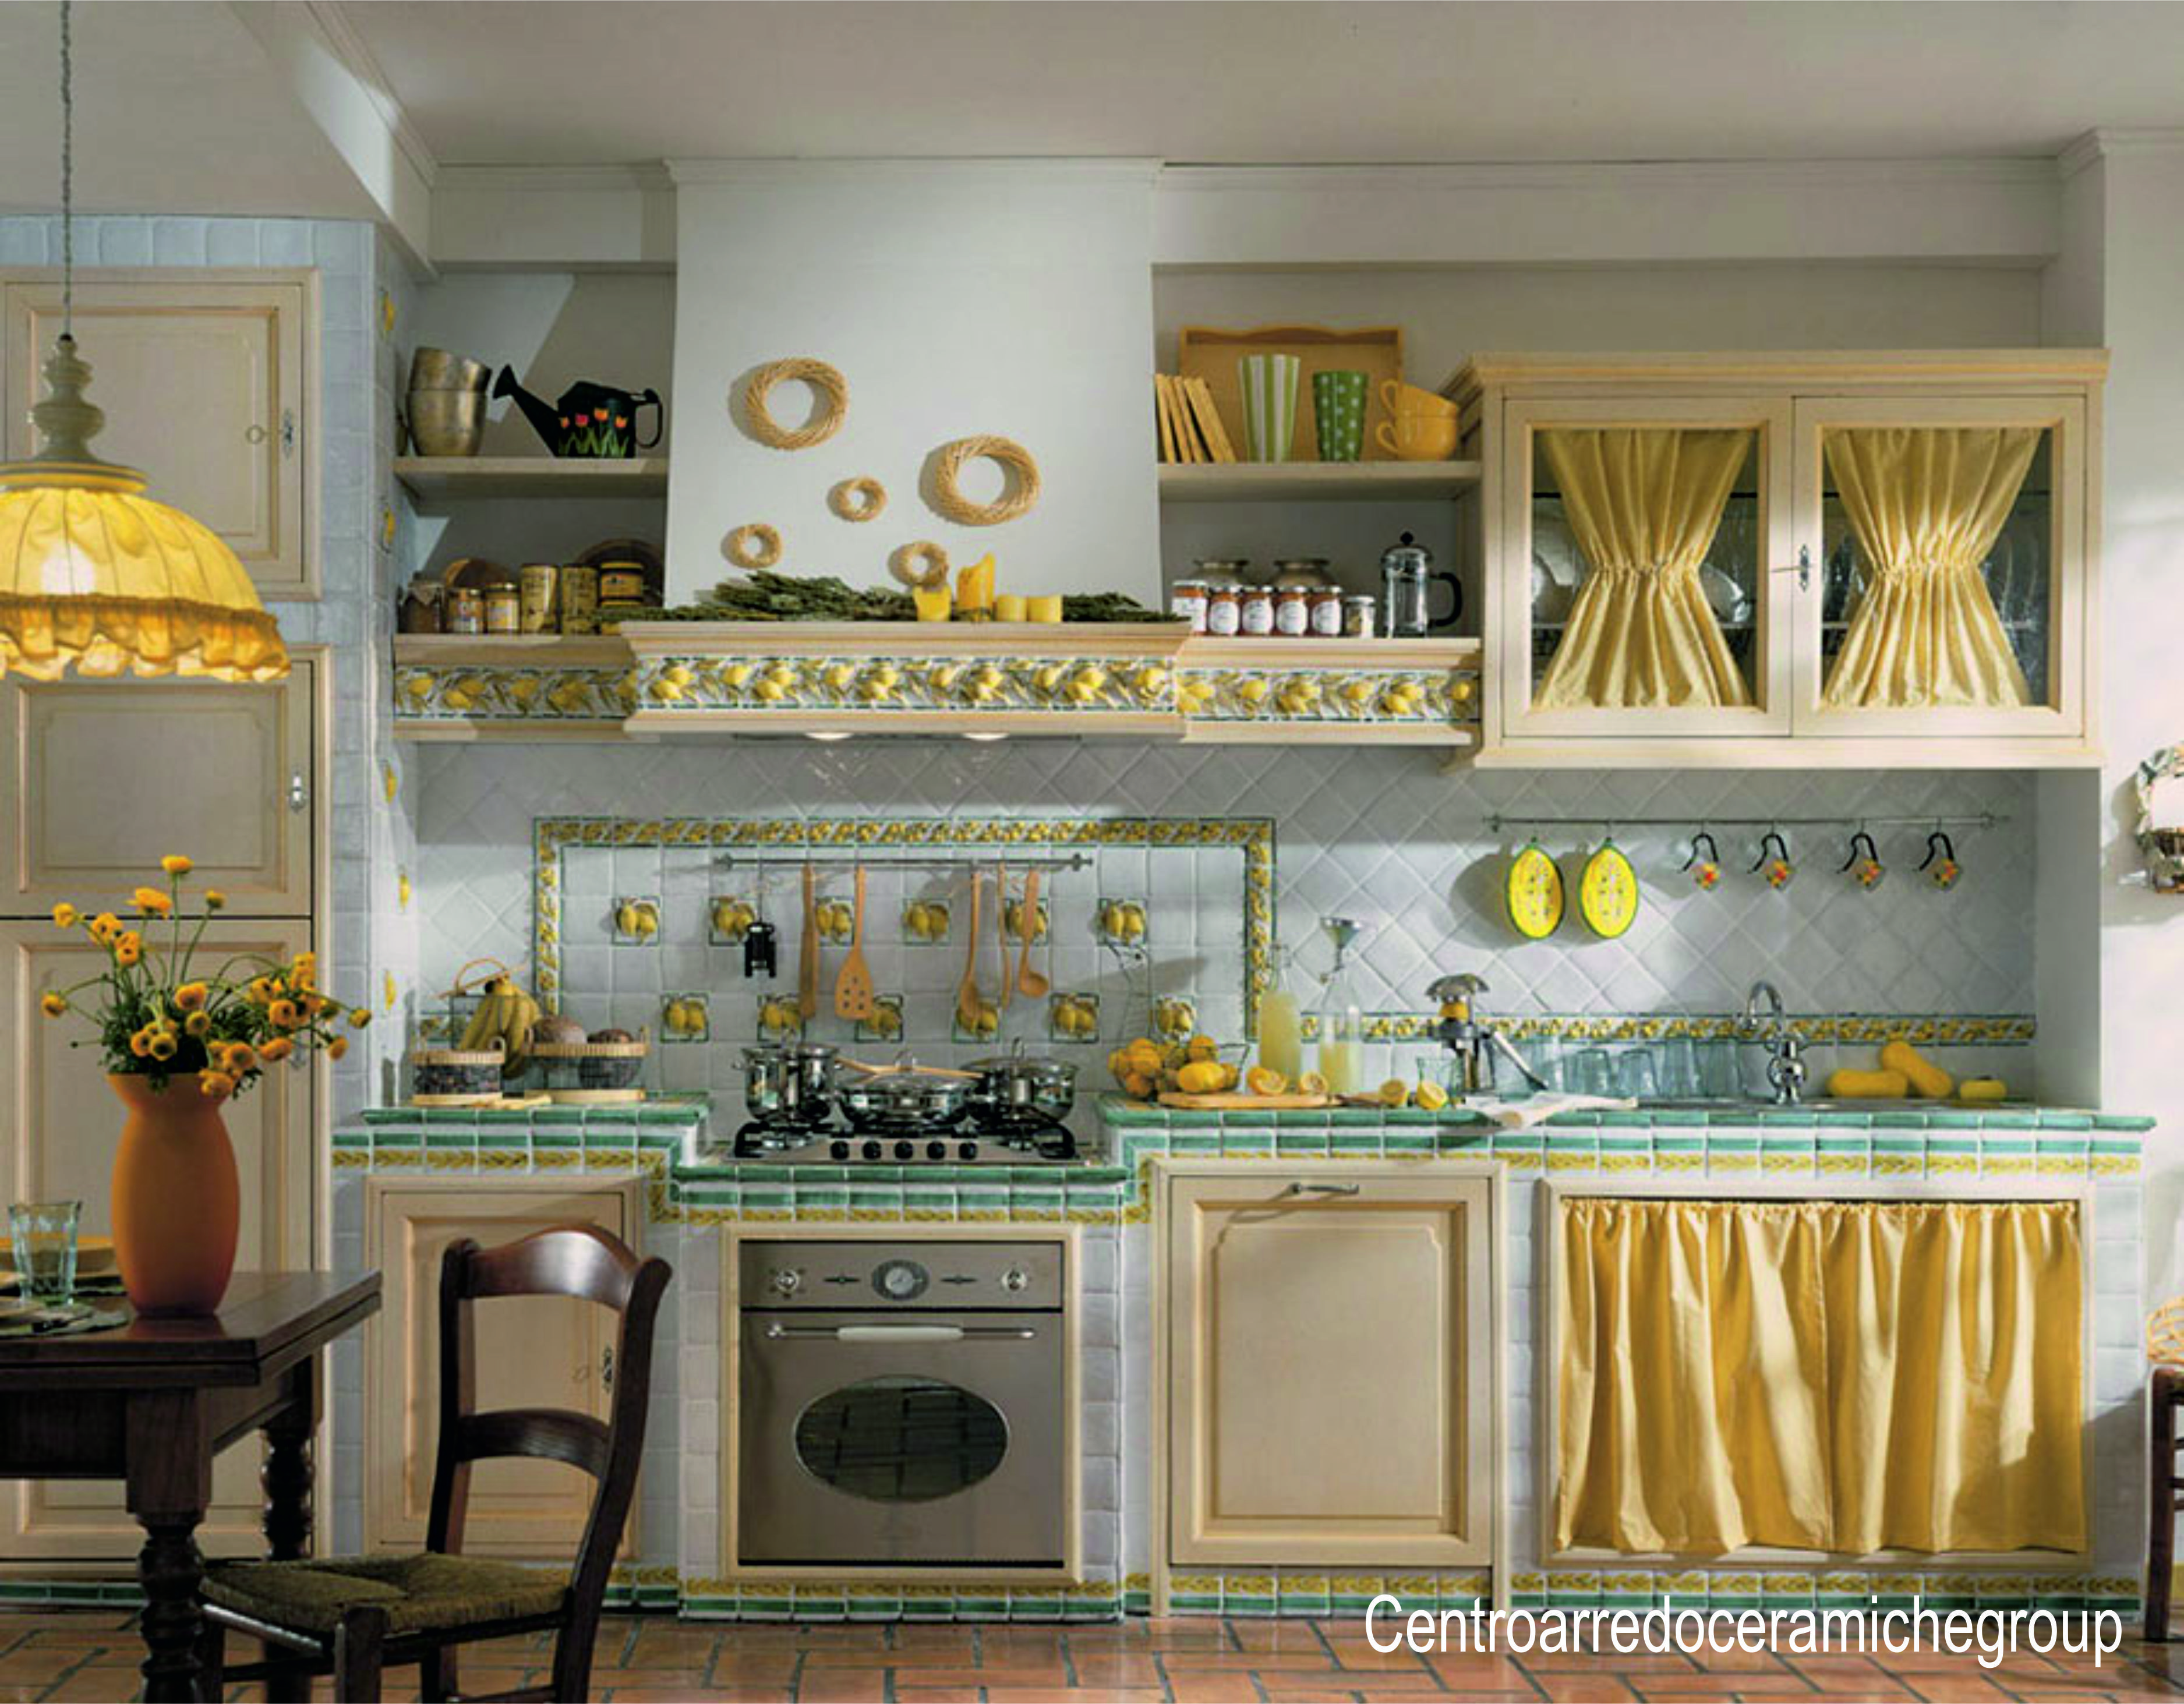 Piastrelle cucina siciliane : piastrelle per cucina siciliane ...